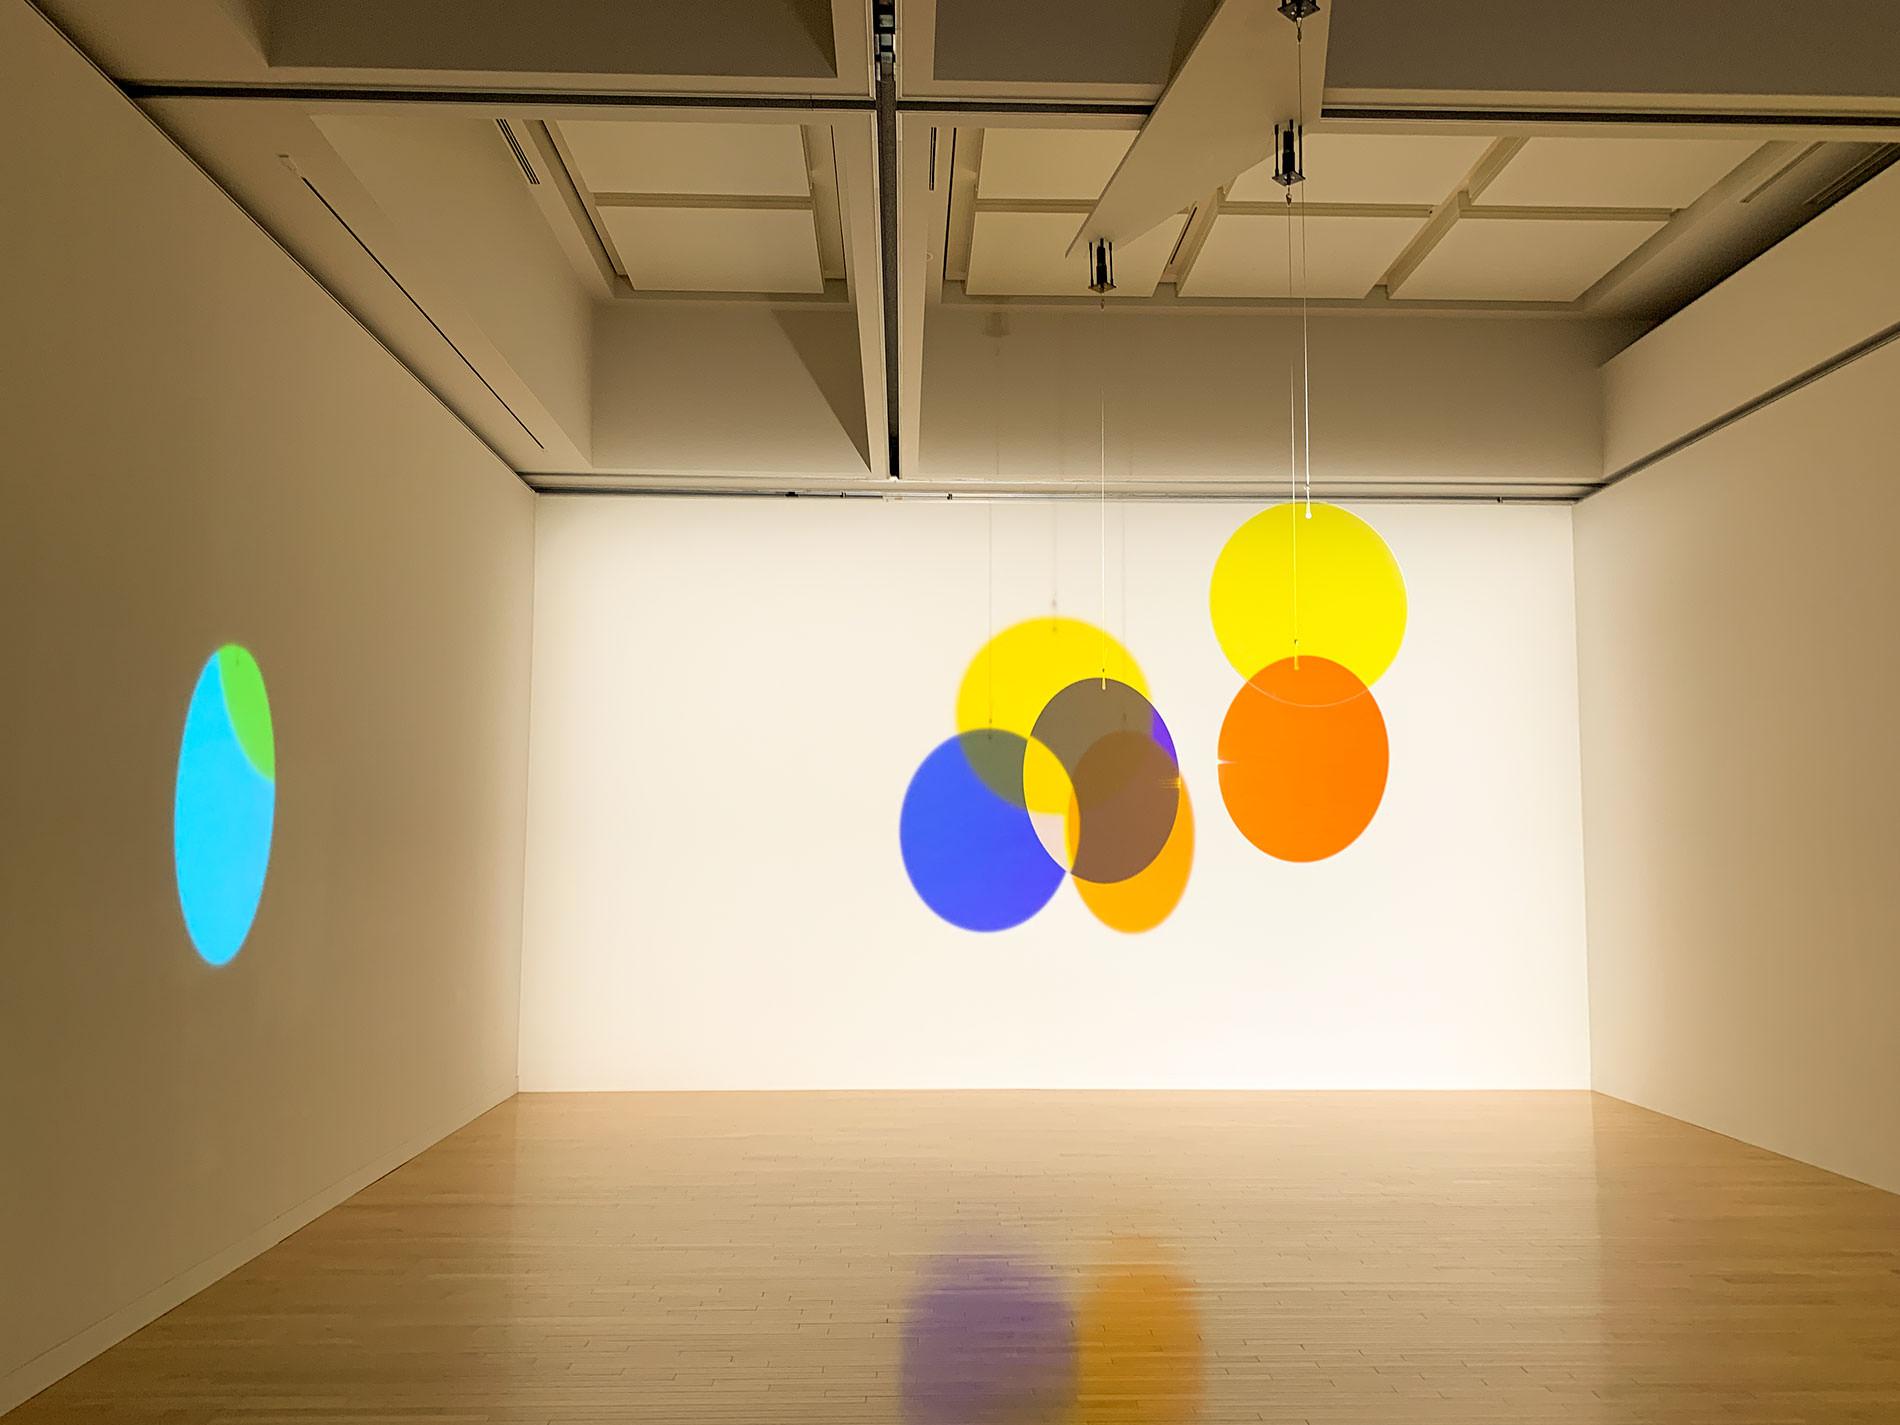 オラファー・エリアソン 「ときに川は橋となる」展 | おそれてる? |東京都現代美術館 / Olafur Eliasson | Who is afraid? | MUSEUM OF CONTEMPORARY ART TOKYO 2020